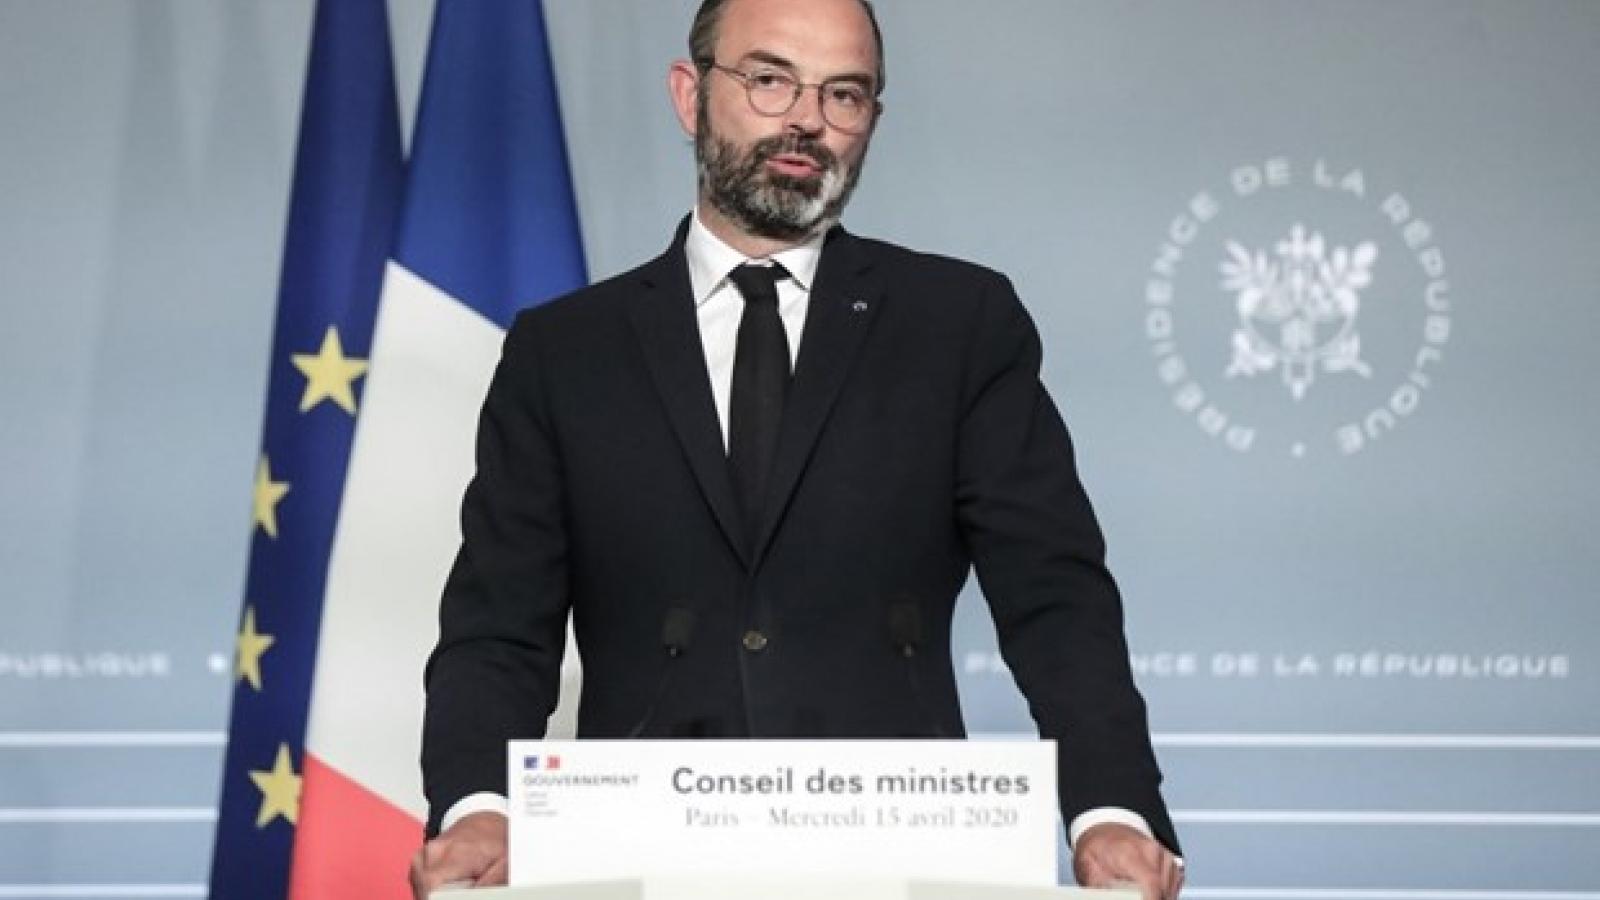 Thủ tướng và toàn bộ chính phủ Pháp từ chức, mở đường cải tổ nội các